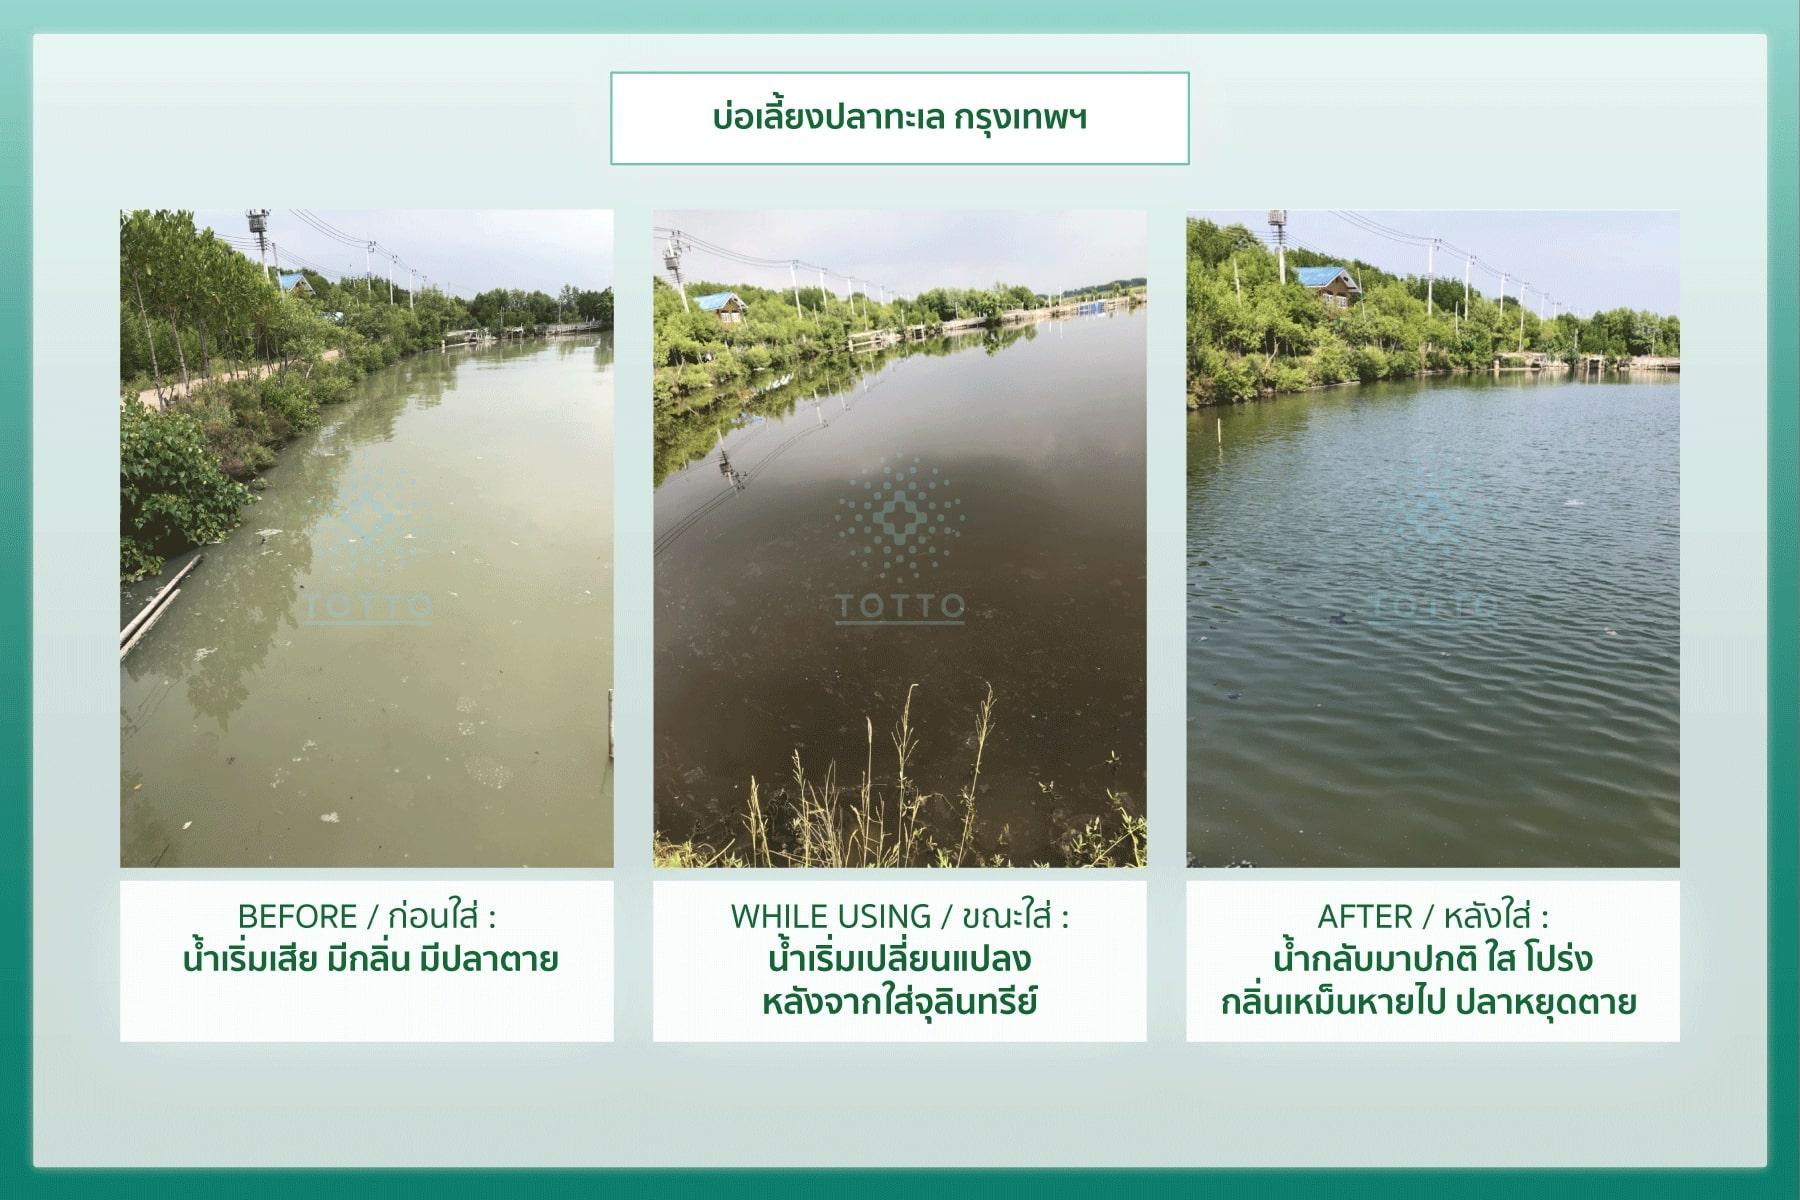 แก้น้ำเสีย,แก้นำ้เสีย,แก้น้ำเน่า,แก้นำ้เน่า,แก้น้ำเน่าเสีย,แก้นำ้เน่าเสีย,บำบัดน้ำเสีย บ่อปลา,บำบัดนำ้เสีย บ่อปลา